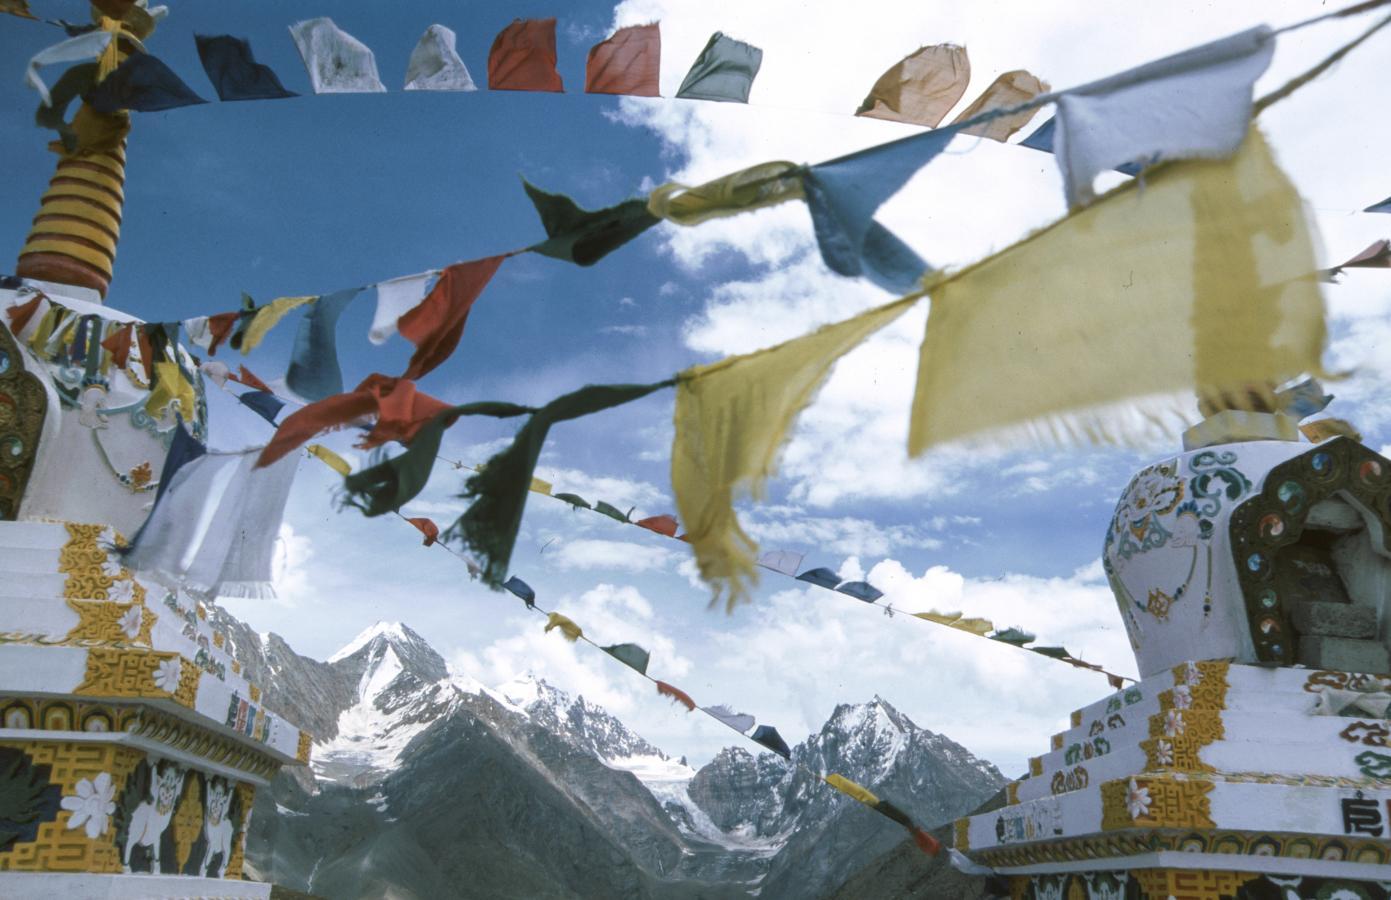 prayer-flags-around-leh-2003